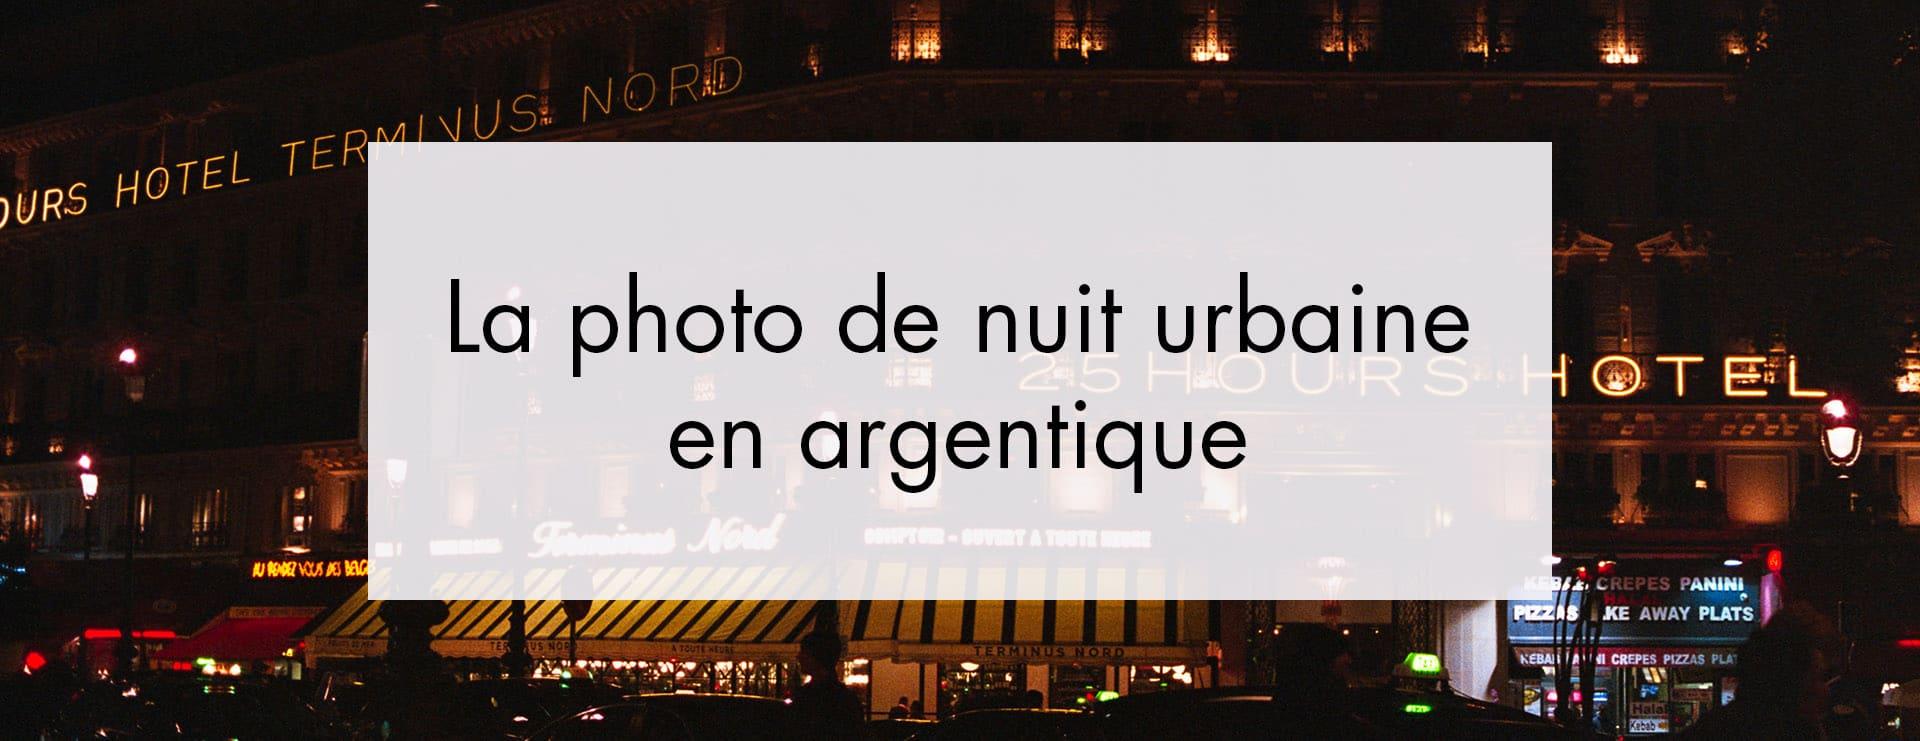 Photo de nuit en argentique